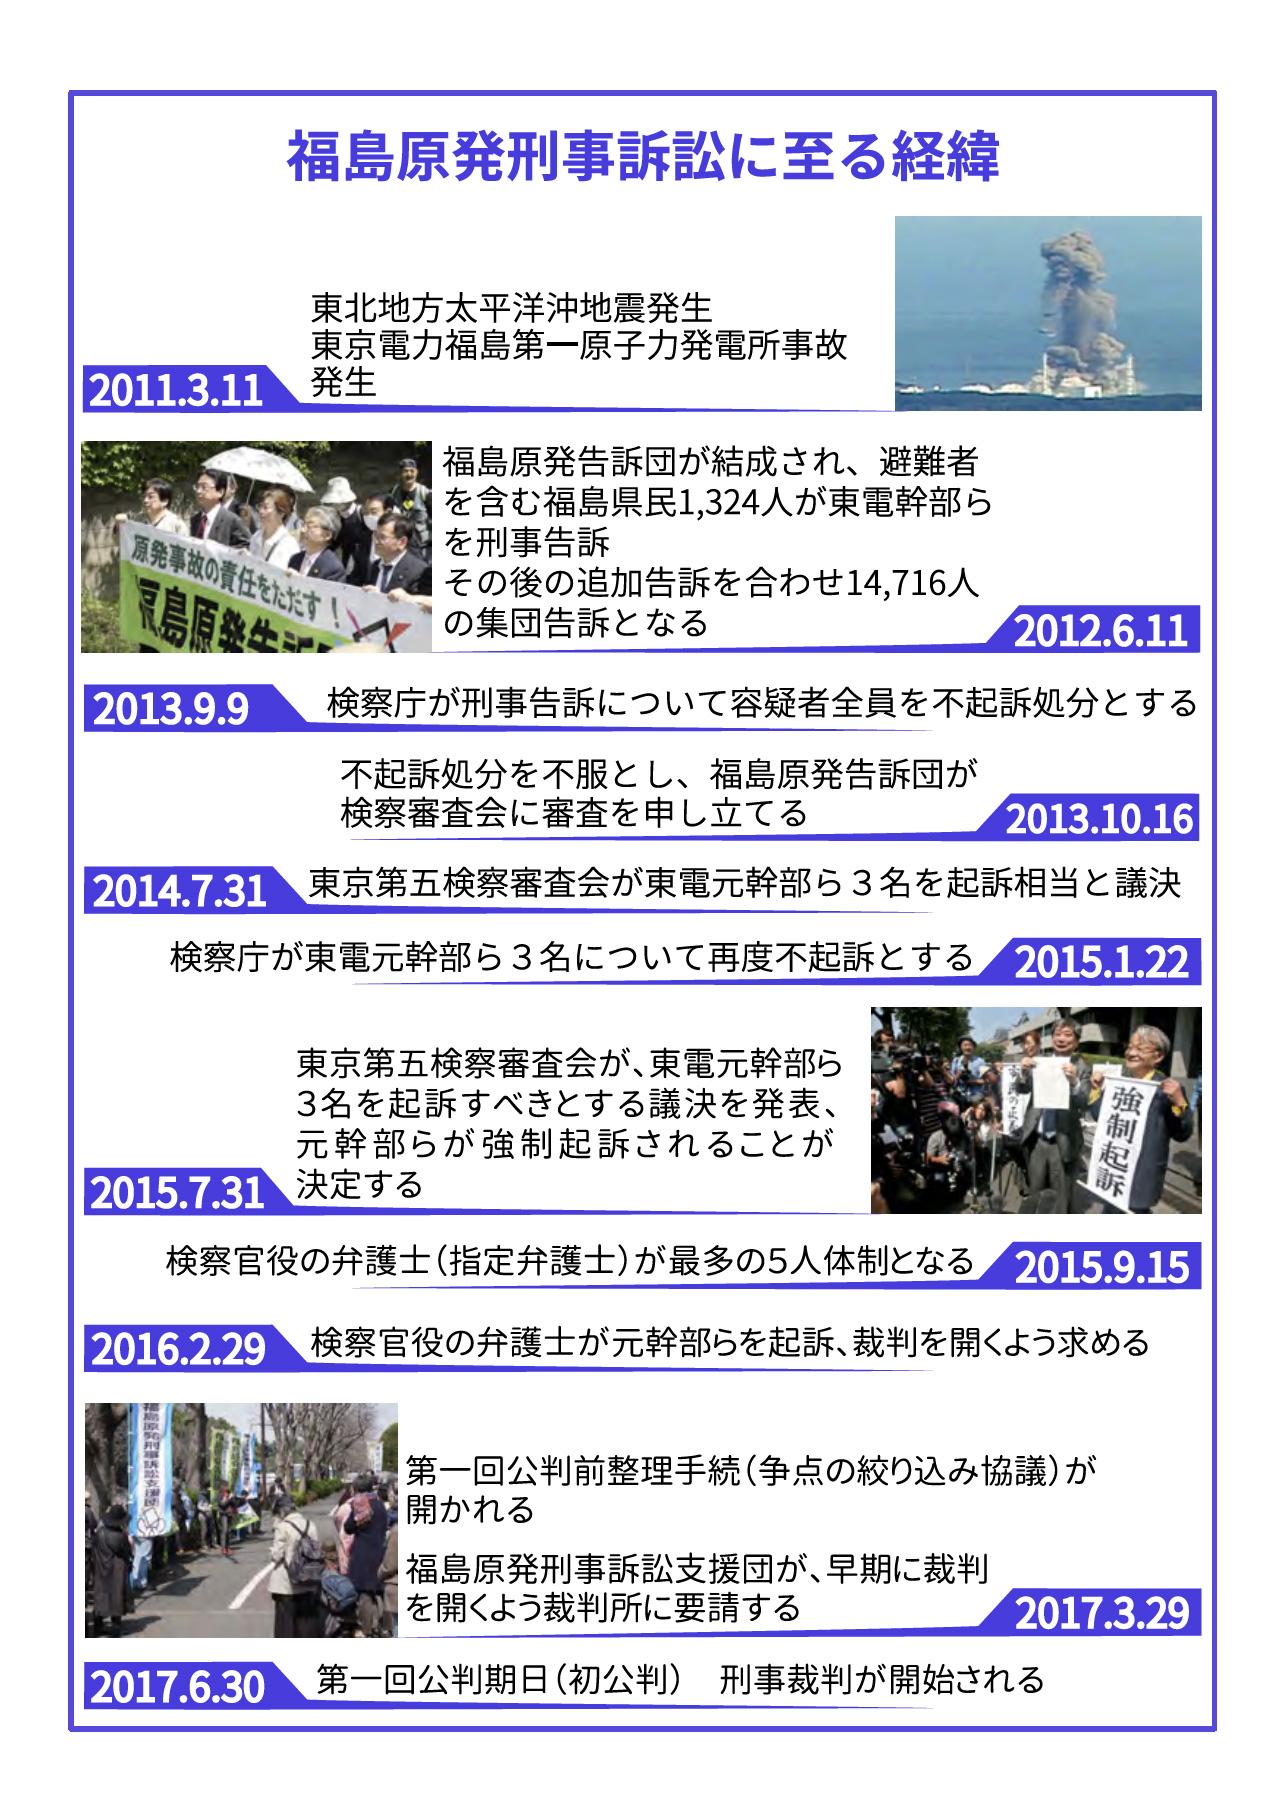 「東電福島原発事故刑事裁判が始まる」リーフレット